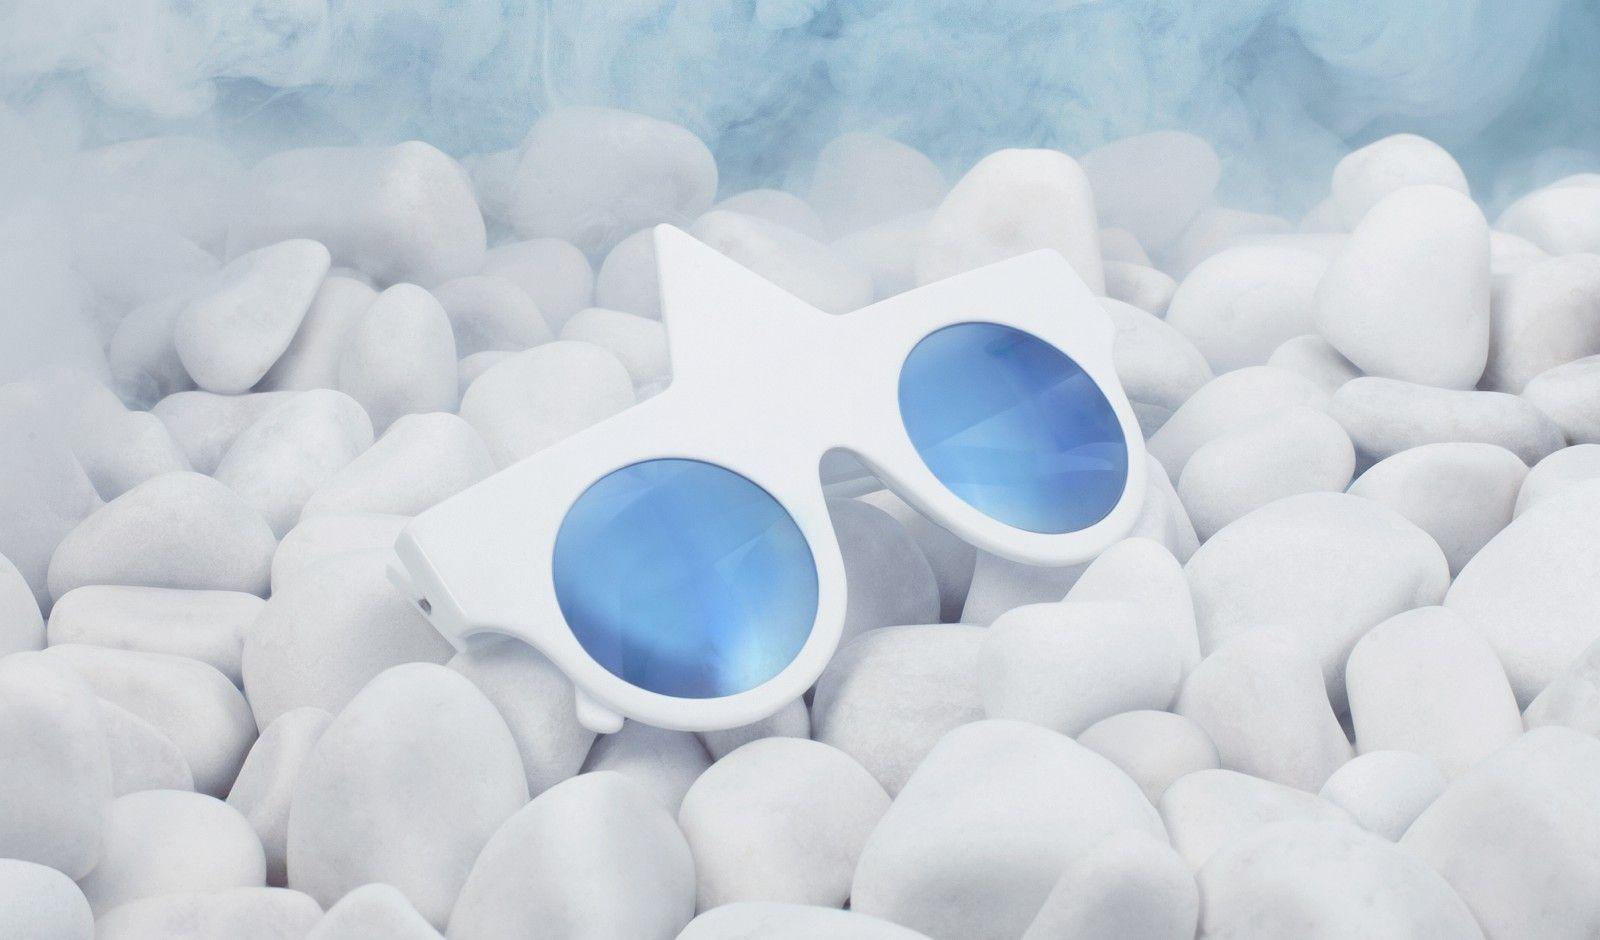 Fakoshima Sunglasses